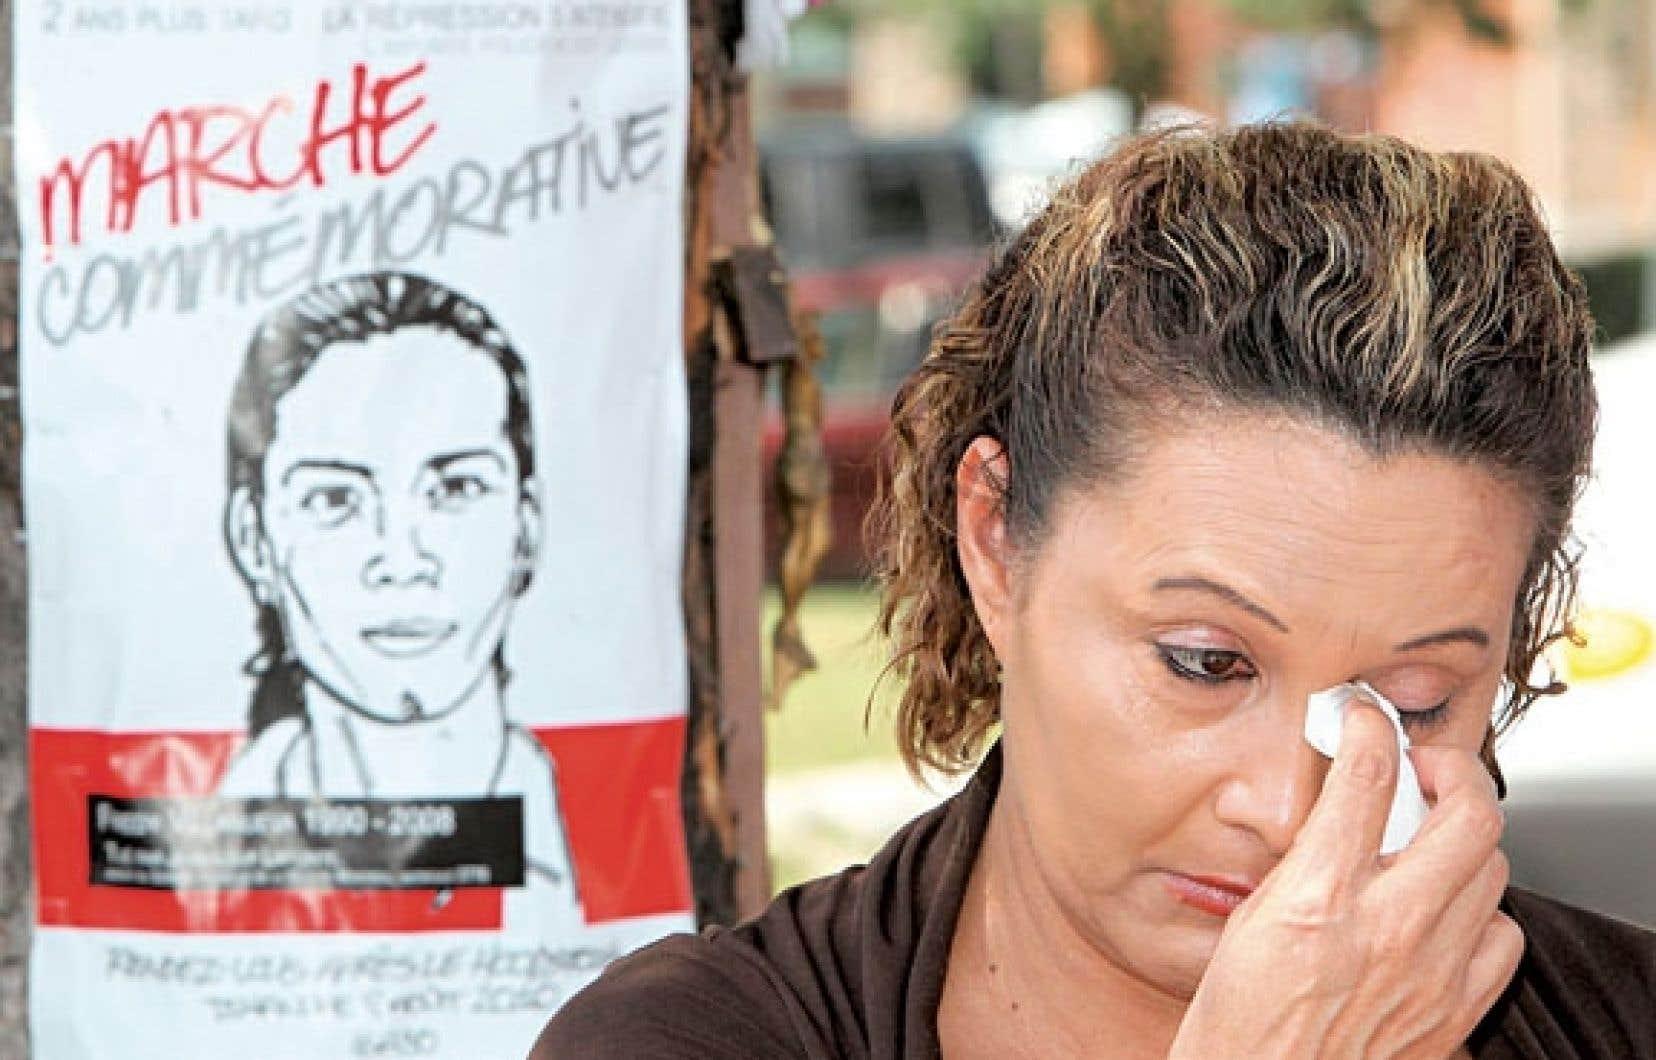 Les circonstances du décès de Fredy Villanueva ont provoqué beaucoup d'émoi.